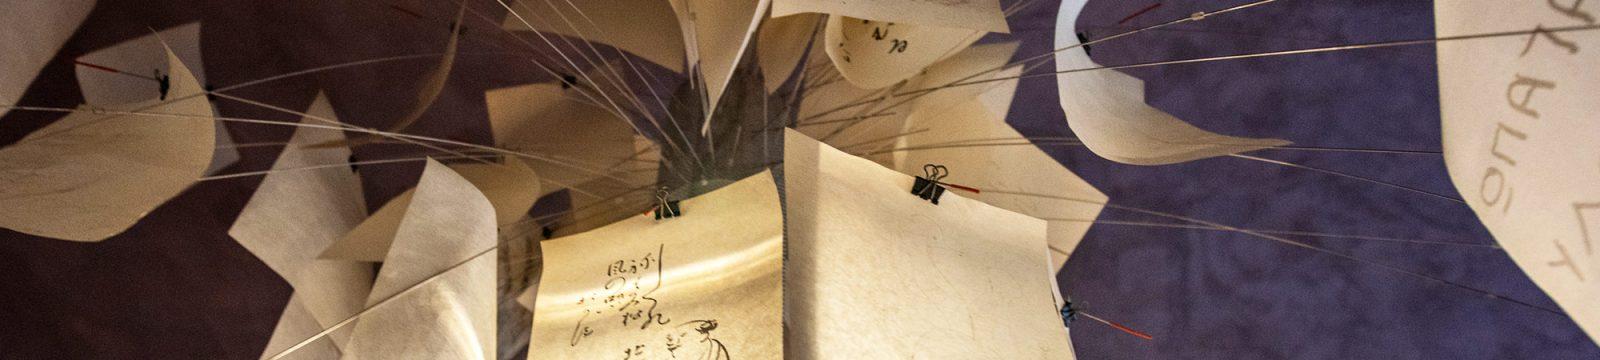 Studio Anna Cane | Architettura e Interior Design | Alba | Competenze